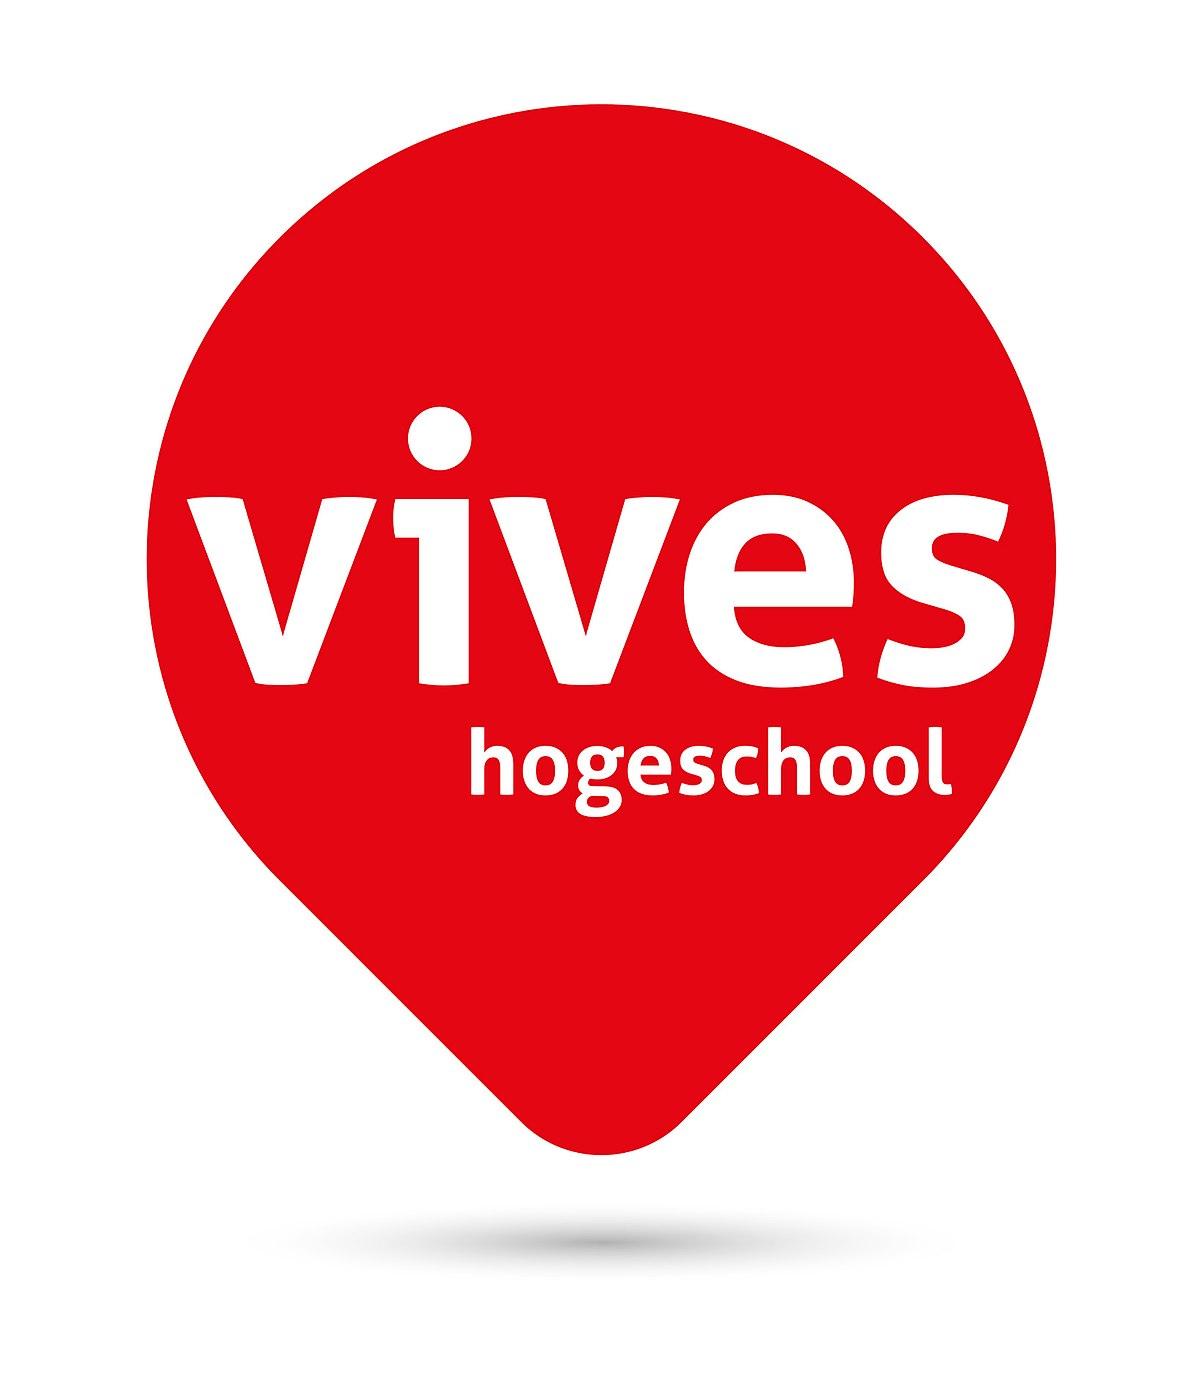 Hogeschool VIVES - Wikipedia